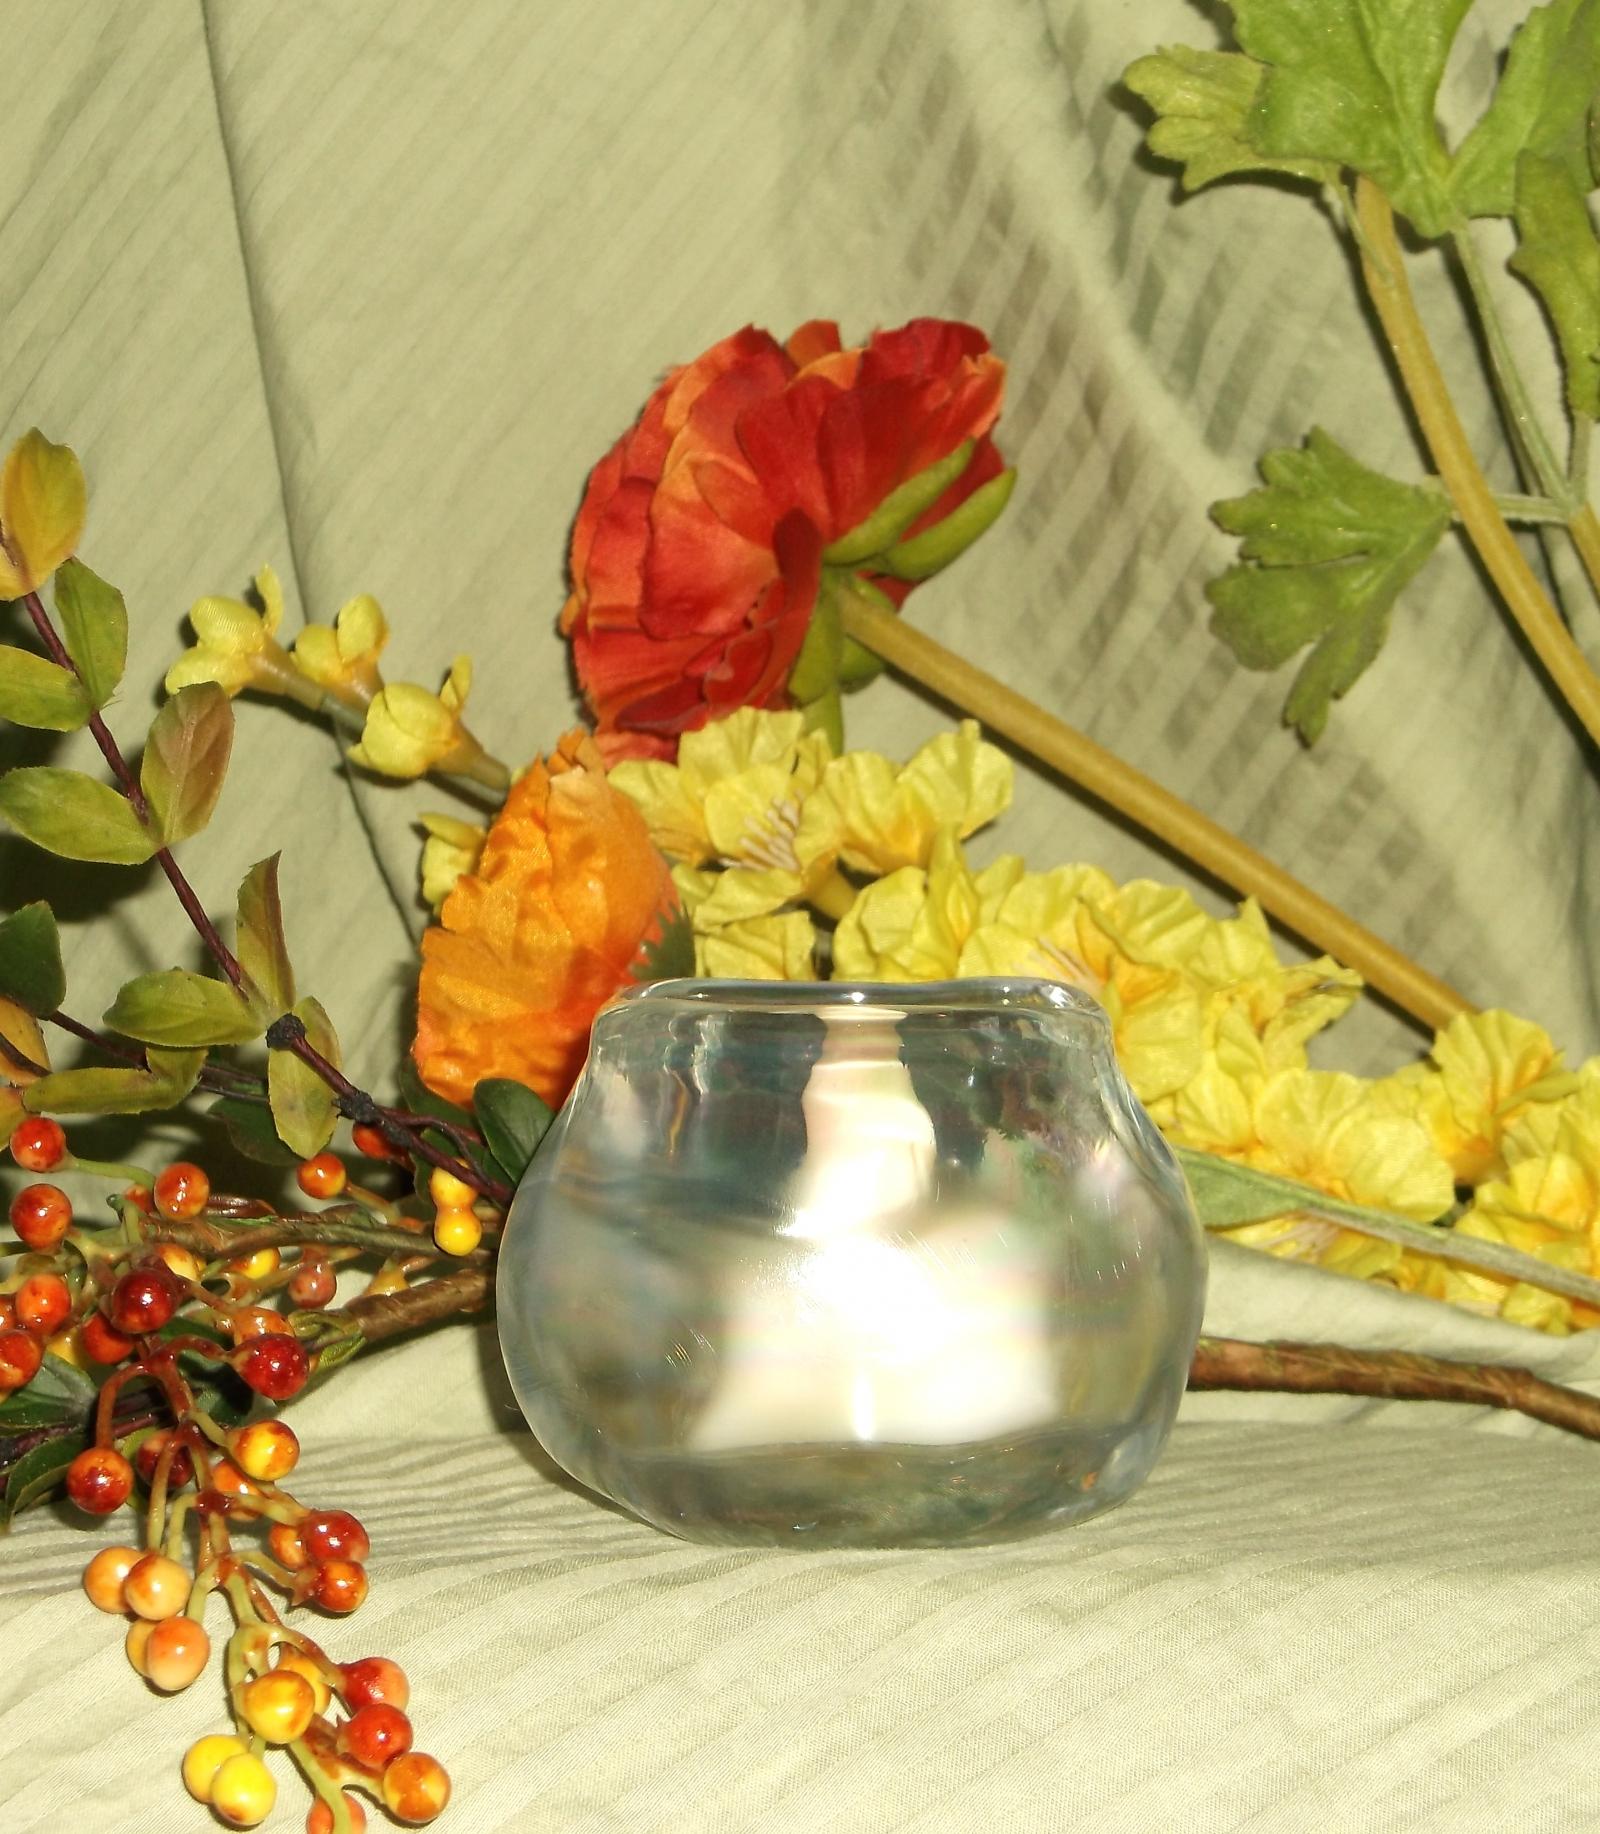 Opalescent Votive/Tea-light Holder - Free Shipping! | www.home ... on multicolor vase, translucent vase, metallic vase, jade vase, stevens & williams vase, elegant vase, victorian vase, lavender vase, hobnail vase, antique vase, cream vase, fluted vase, cameo vase, pyrex vase, loetz vase, pink vase, cobalt vase, ivory vase, textured vase, white vase,